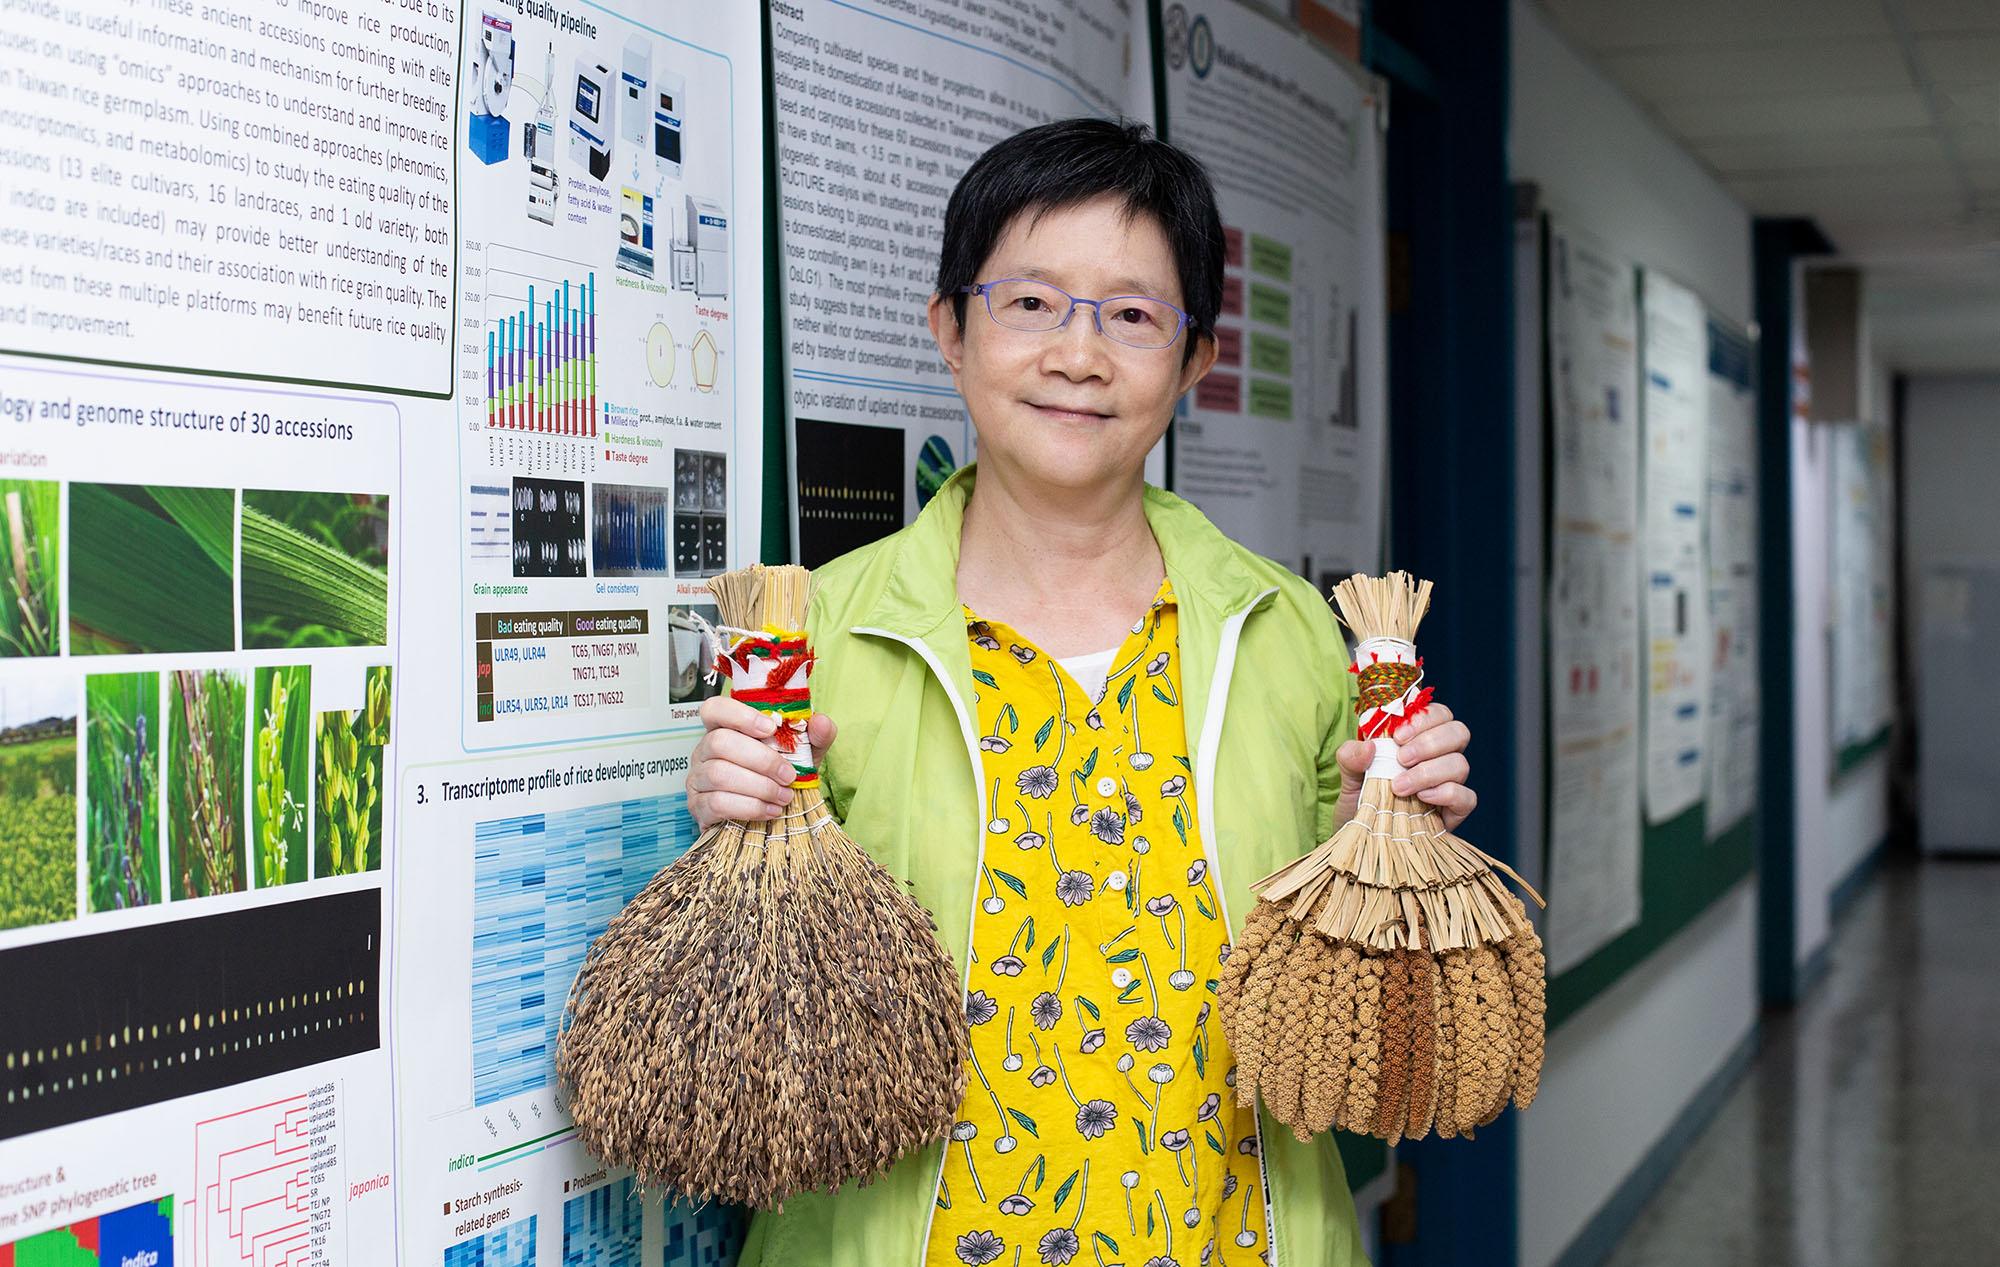 中研院植微所邢禹依特聘研究員專精水稻基因體研究,曾和周德源博士一起領導臺灣的團隊參與「國際水稻基因體定序計畫」,與世界各國合作,定出了水稻 12 條染色體的基因序列。近年來,她的實驗室研究山地陸稻,透過基因定序技術、親緣分析,解讀臺灣的稻米與人的故事。攝影│林洵安